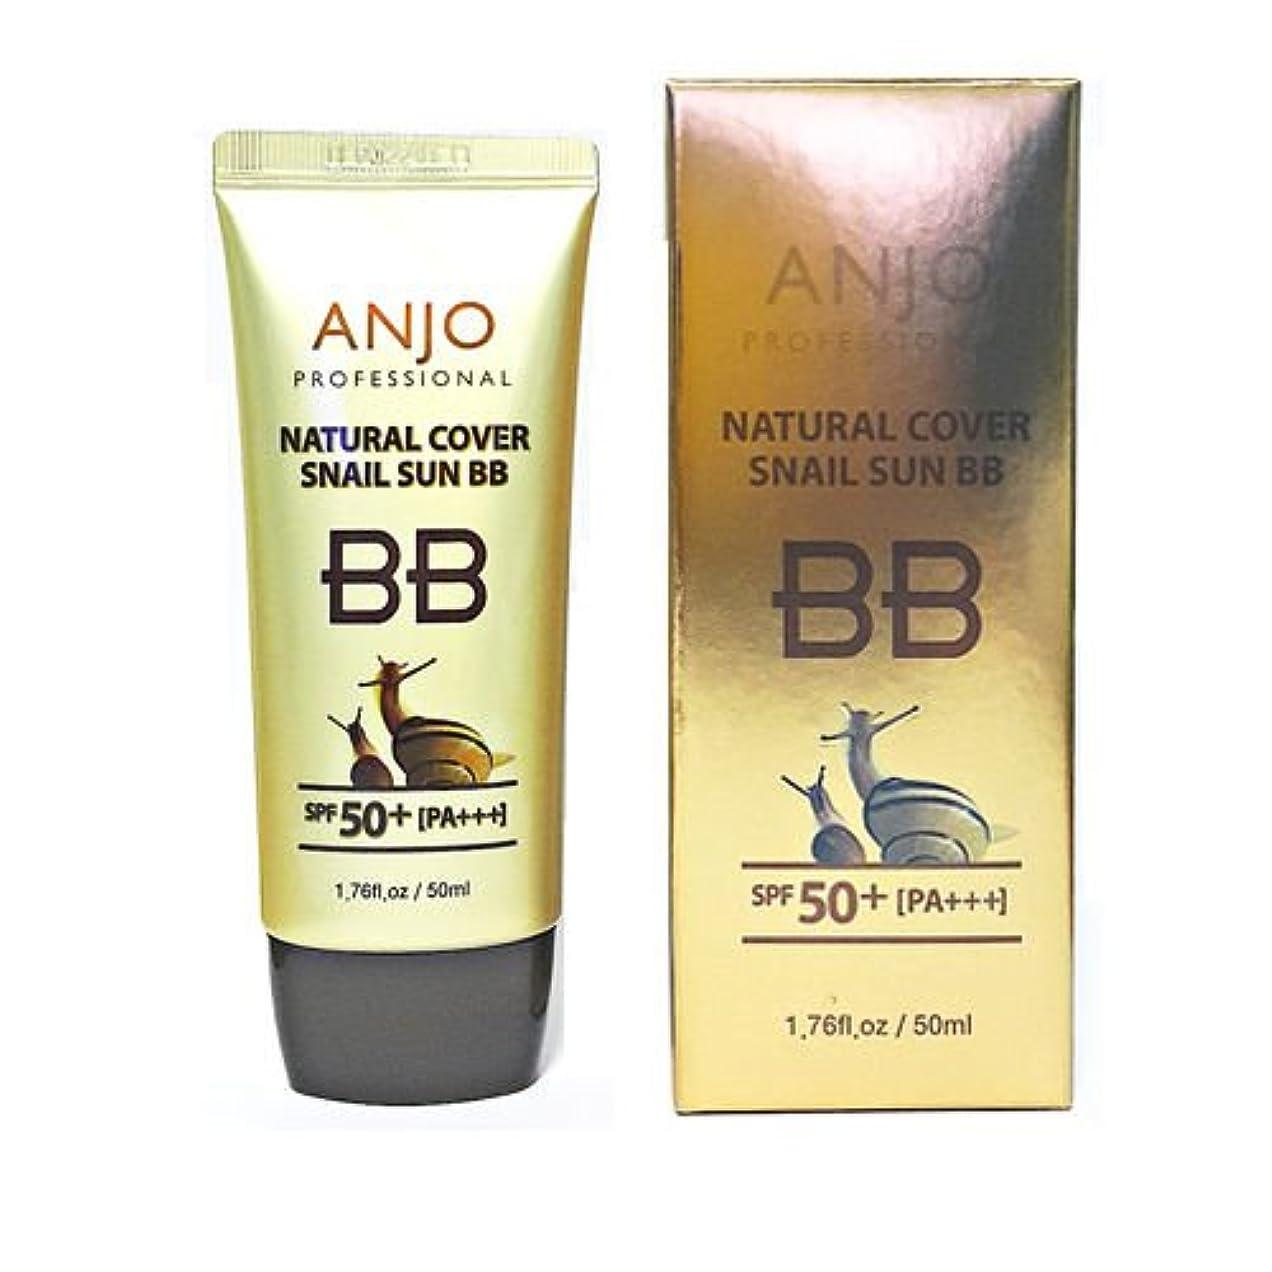 肌届けるありがたいアンジュ[韓国コスメAnjo]Professional Natural Cover Sun BB Cream プロフェッショナルナチュラルカバー日焼け止めBBクリーム50ml SPF50+ PA+++UVホワイトニングリンクルケア...